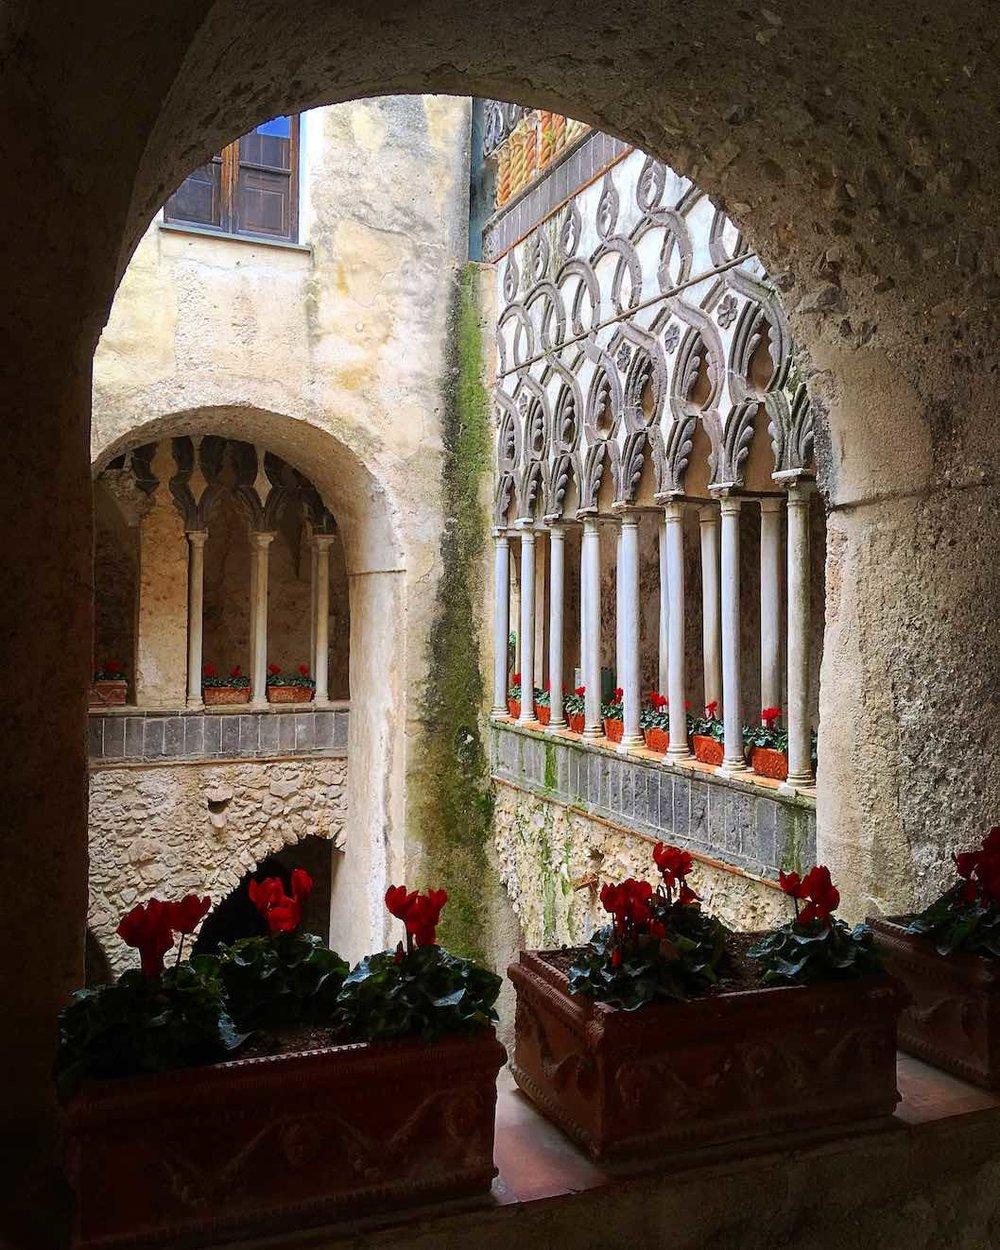 TravelFoodPeople-StevenTagle-Sicily3.jpeg